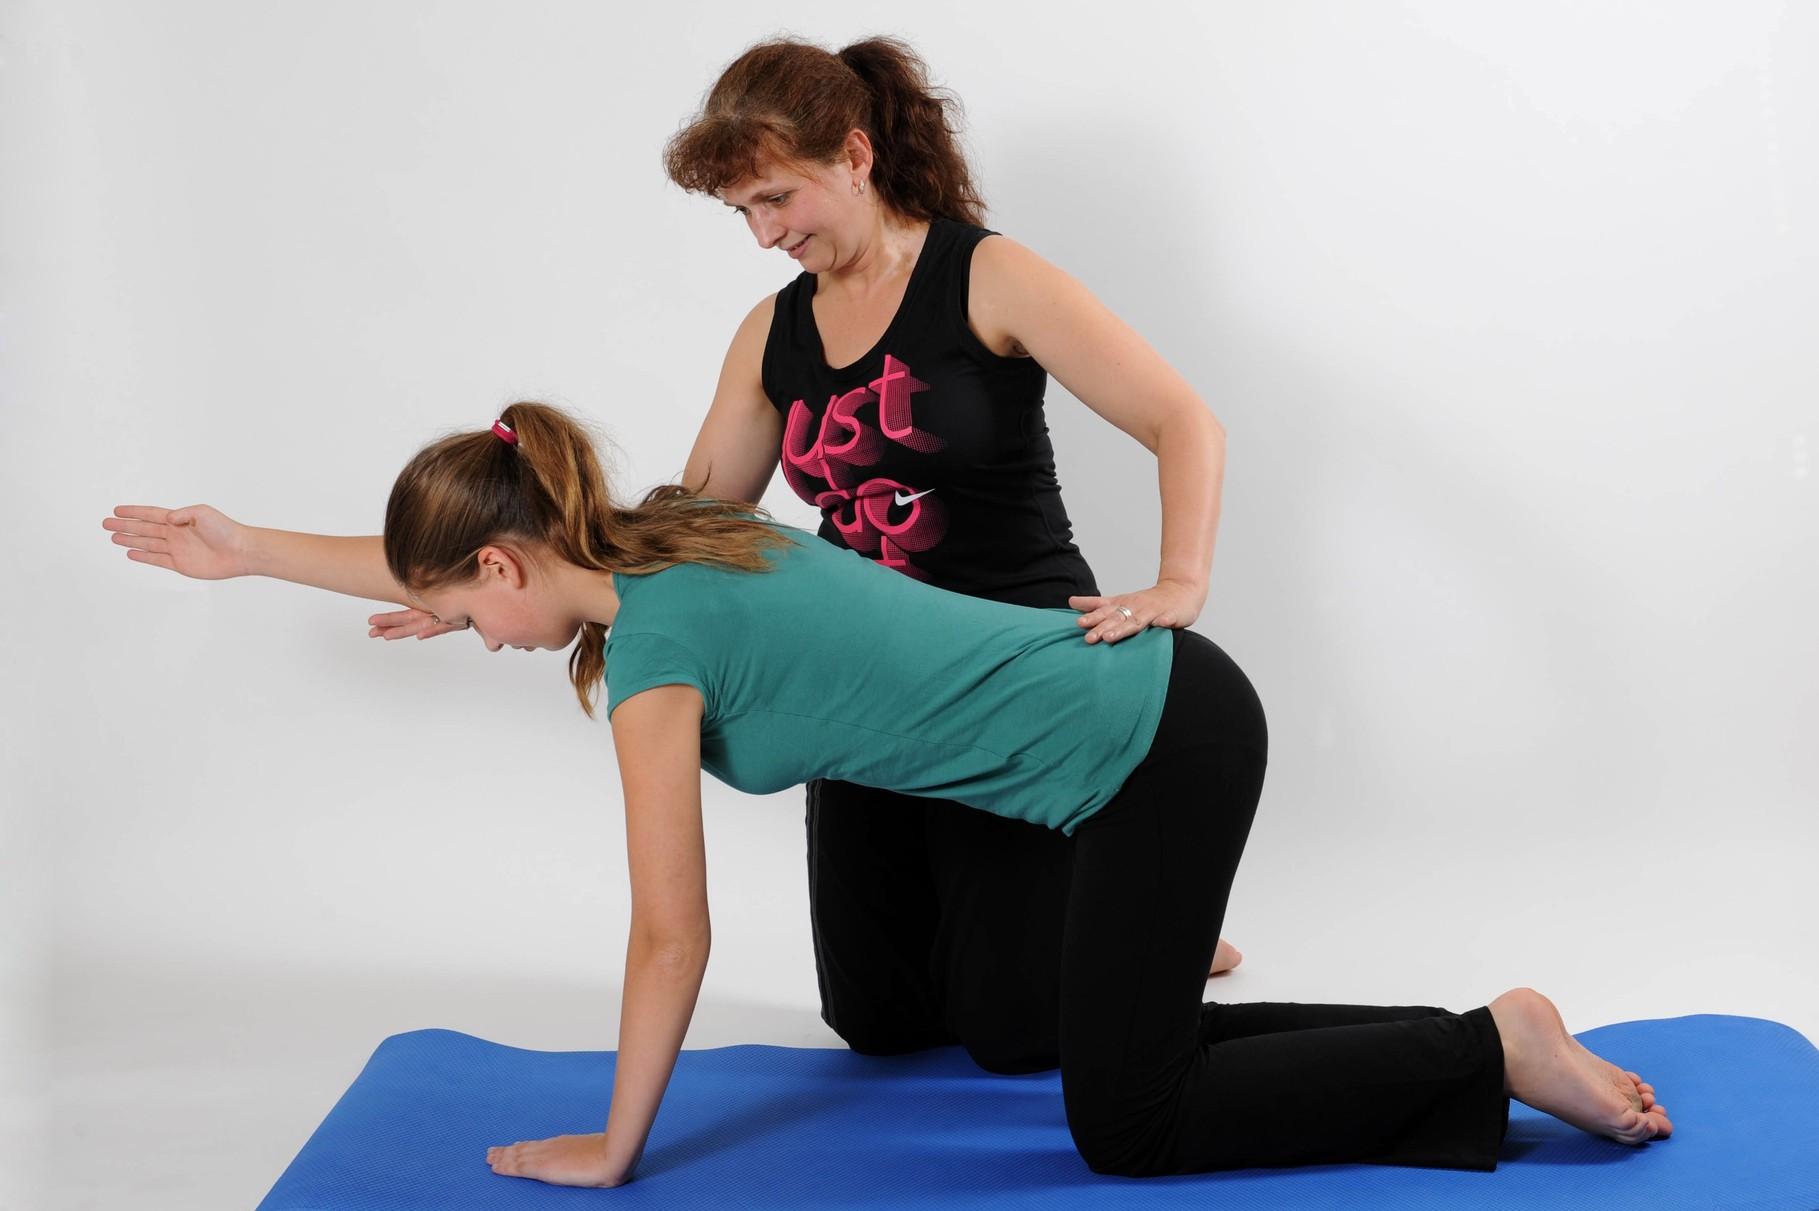 Die persönliche Korrektur ist typisch für das Pilates Training